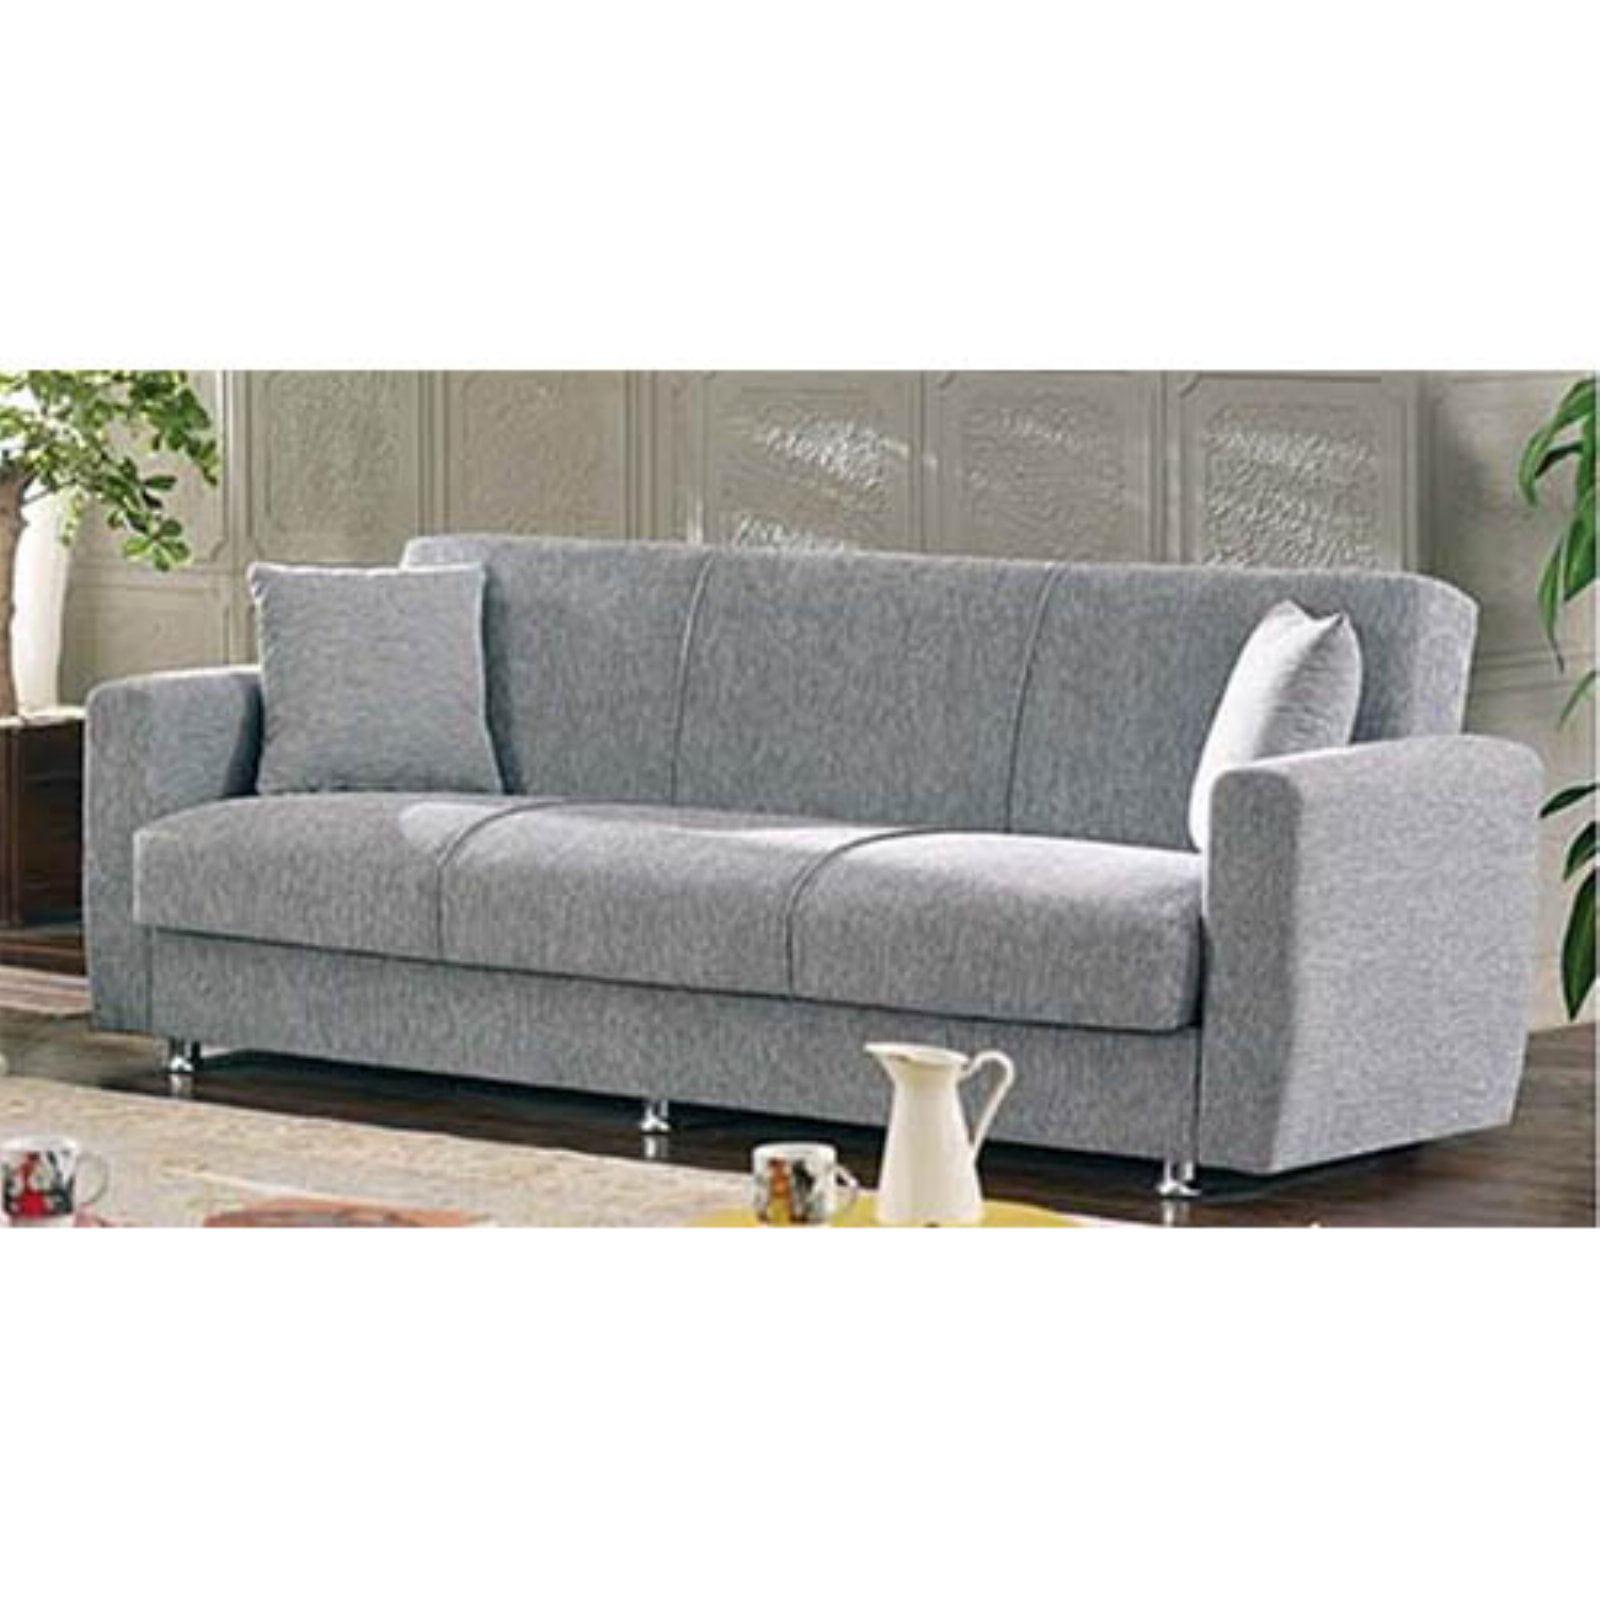 Empire Furniture USA Niagara Convertible Sofa